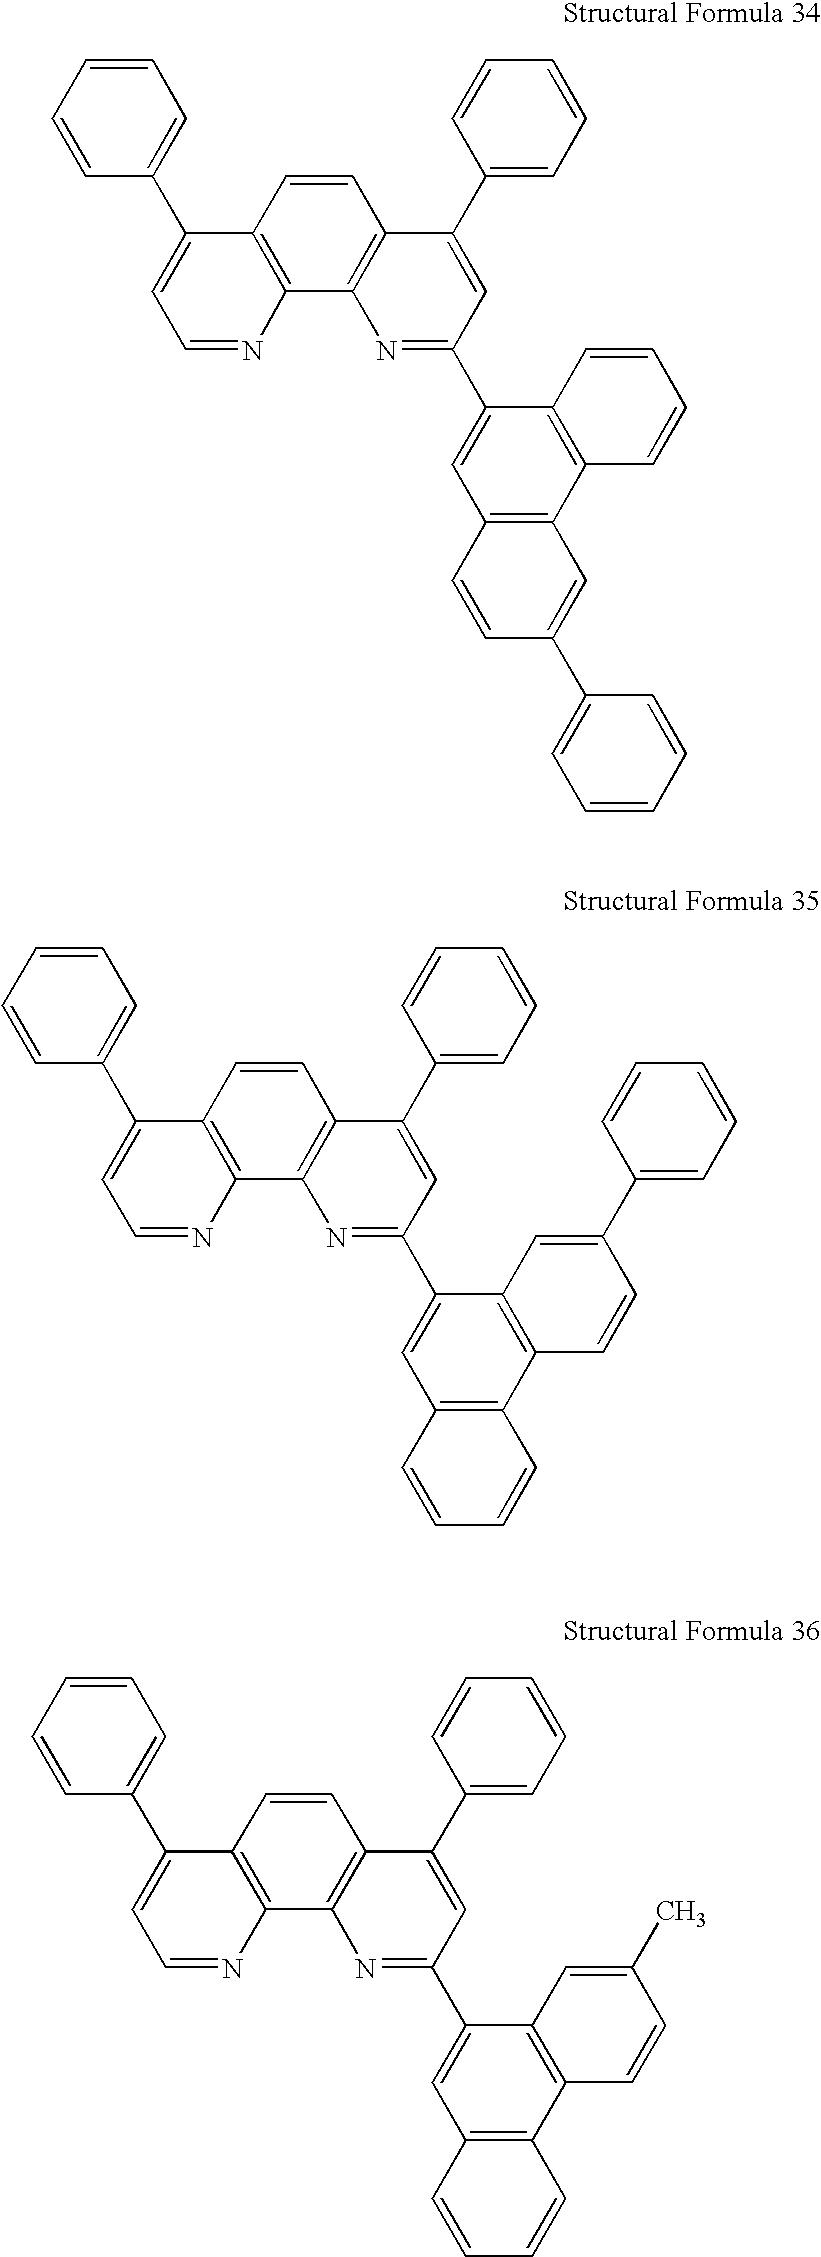 Figure US20070037983A1-20070215-C00017